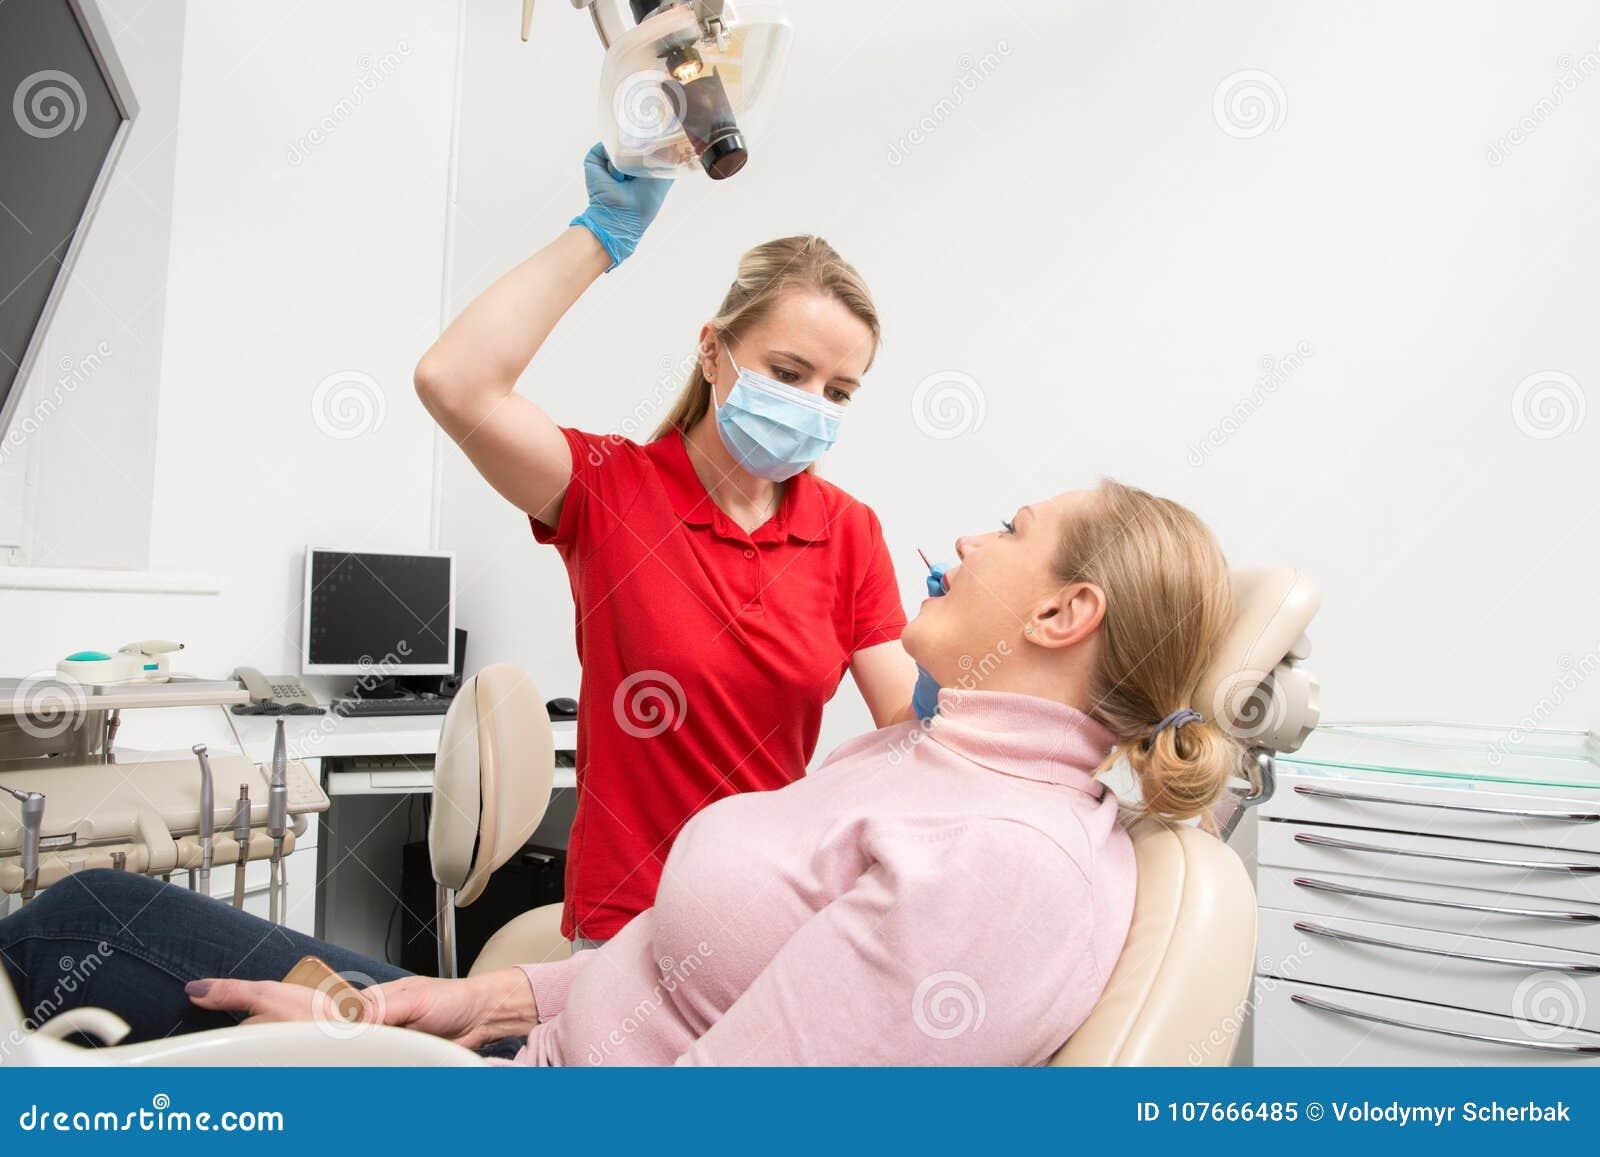 Γυναίκα με το ανοικτό στόμα που έχει τα δόντια της εξετασμένων από τη θηλυκή εξέταση δοντιών οδοντιάτρων στο γραφείο οδοντιάτρων